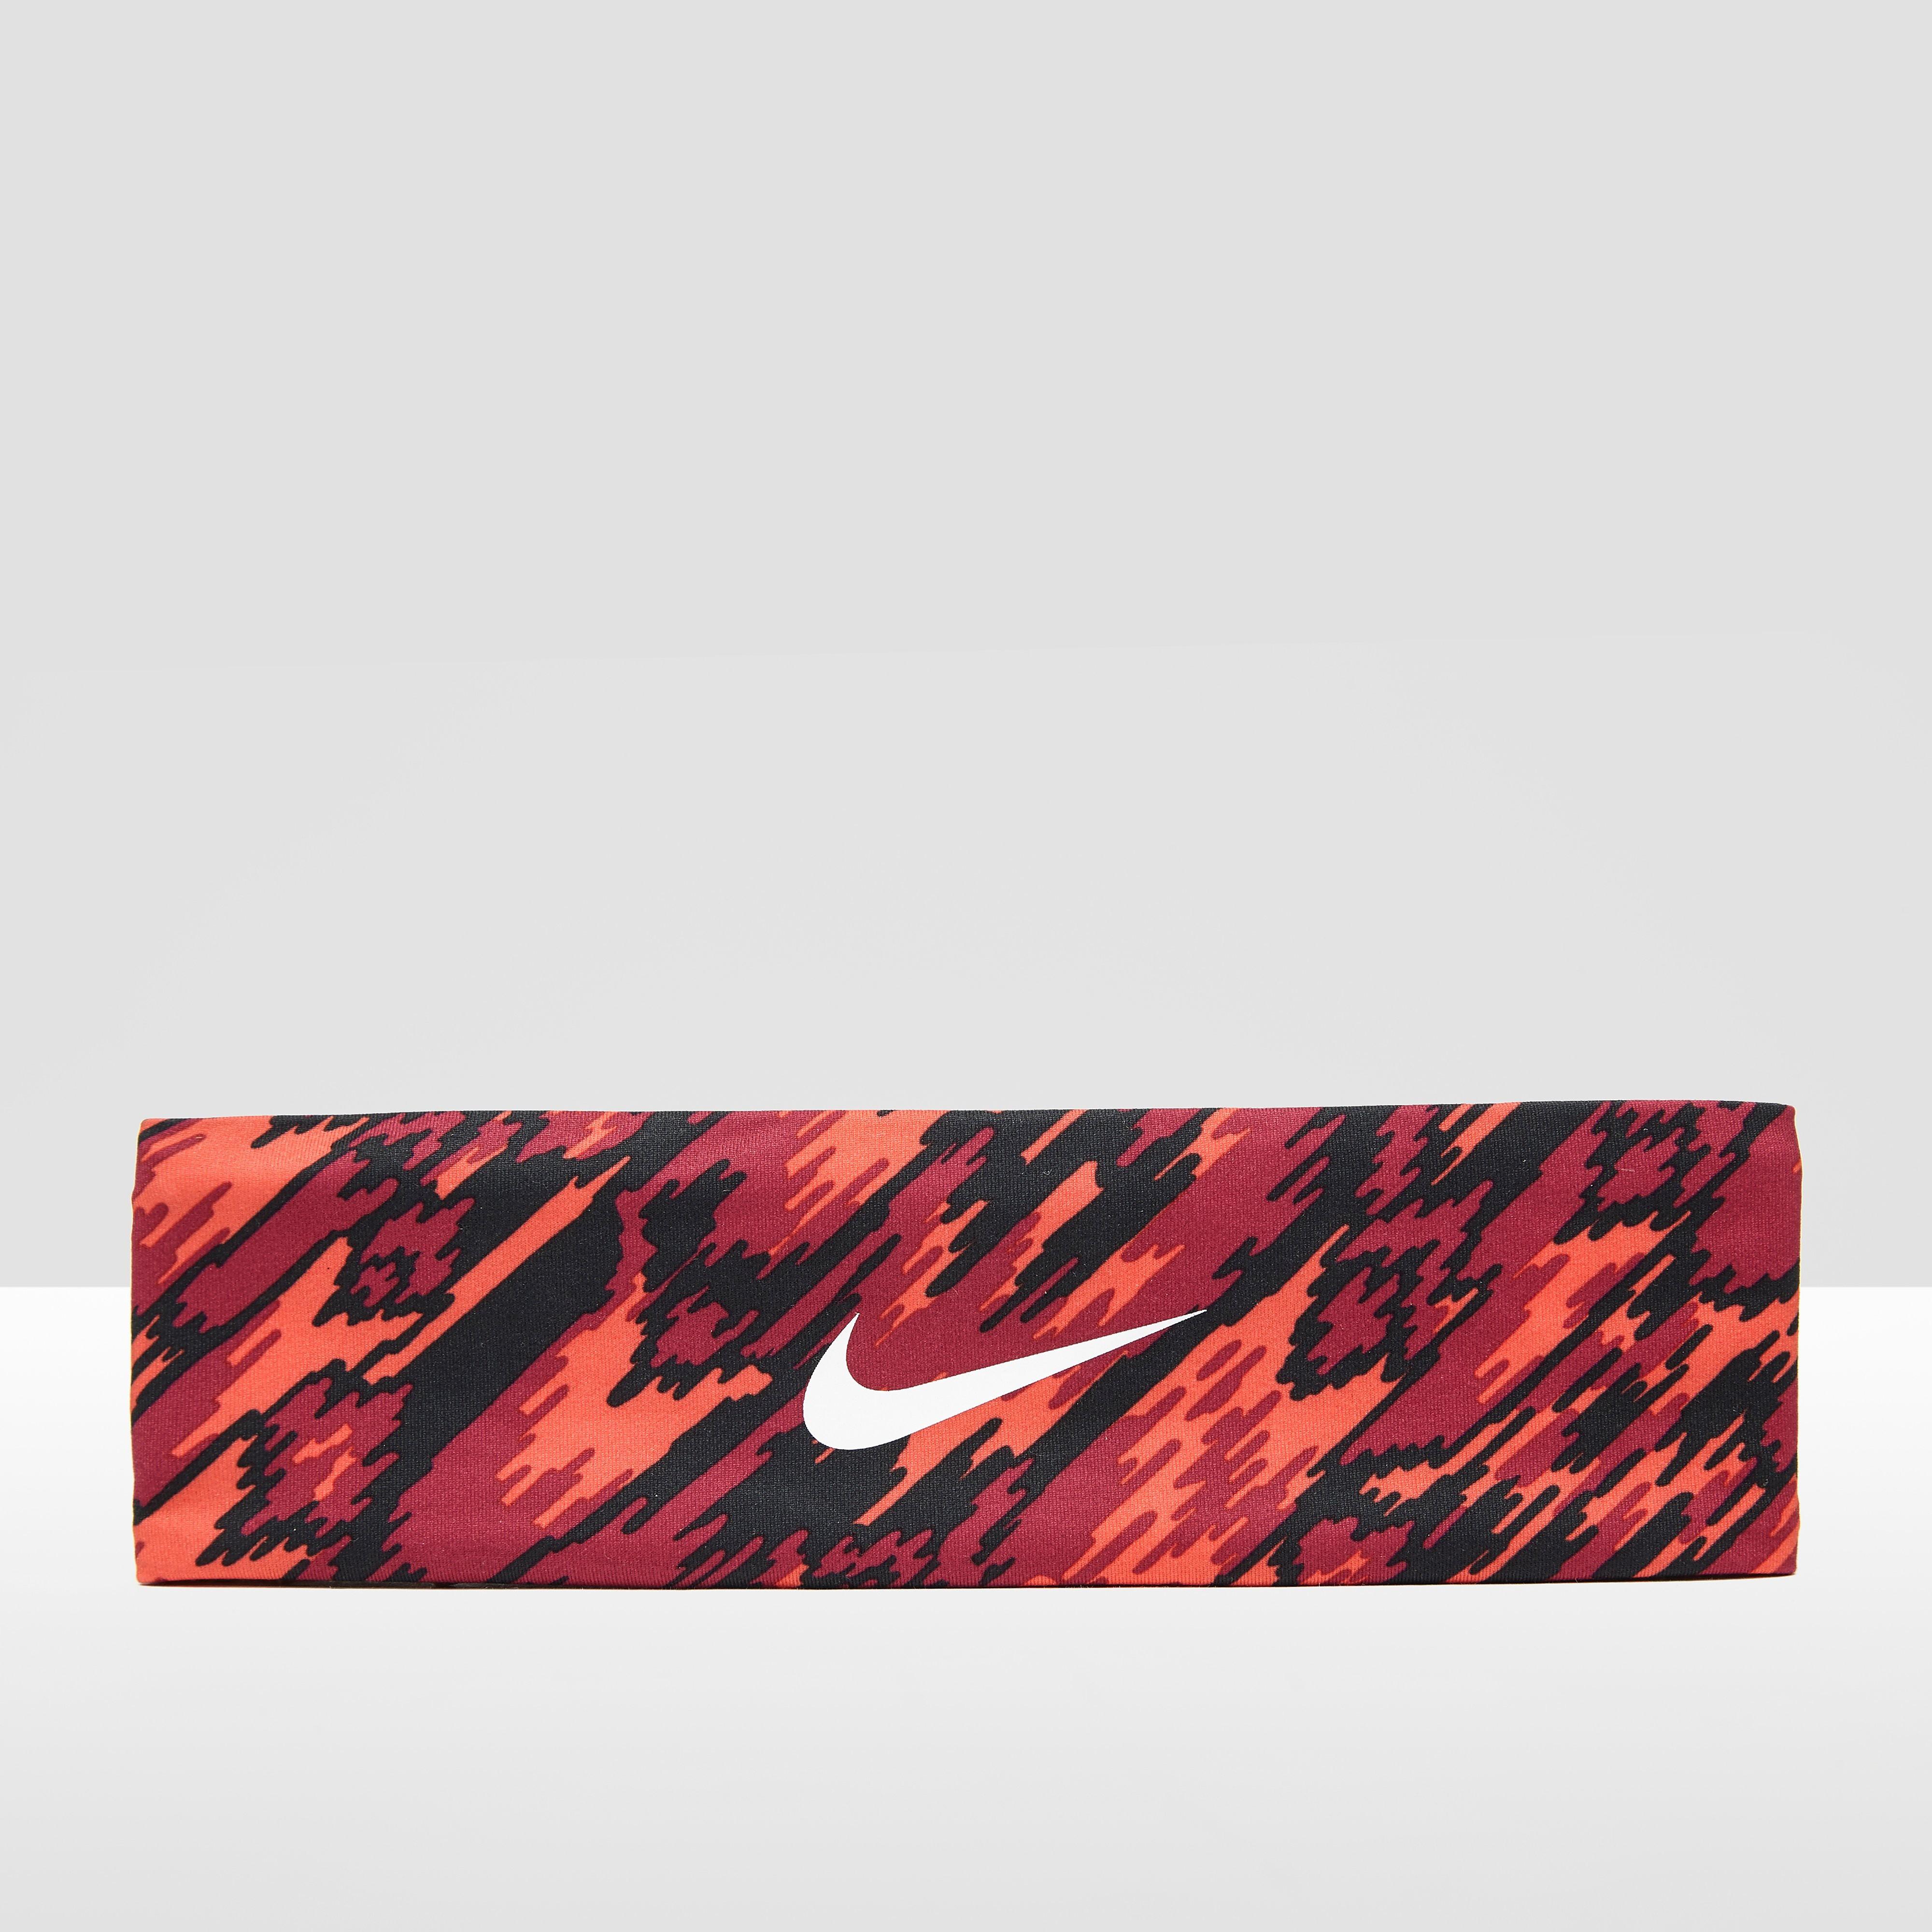 Nike FURY HEADBAND 2.0 LT